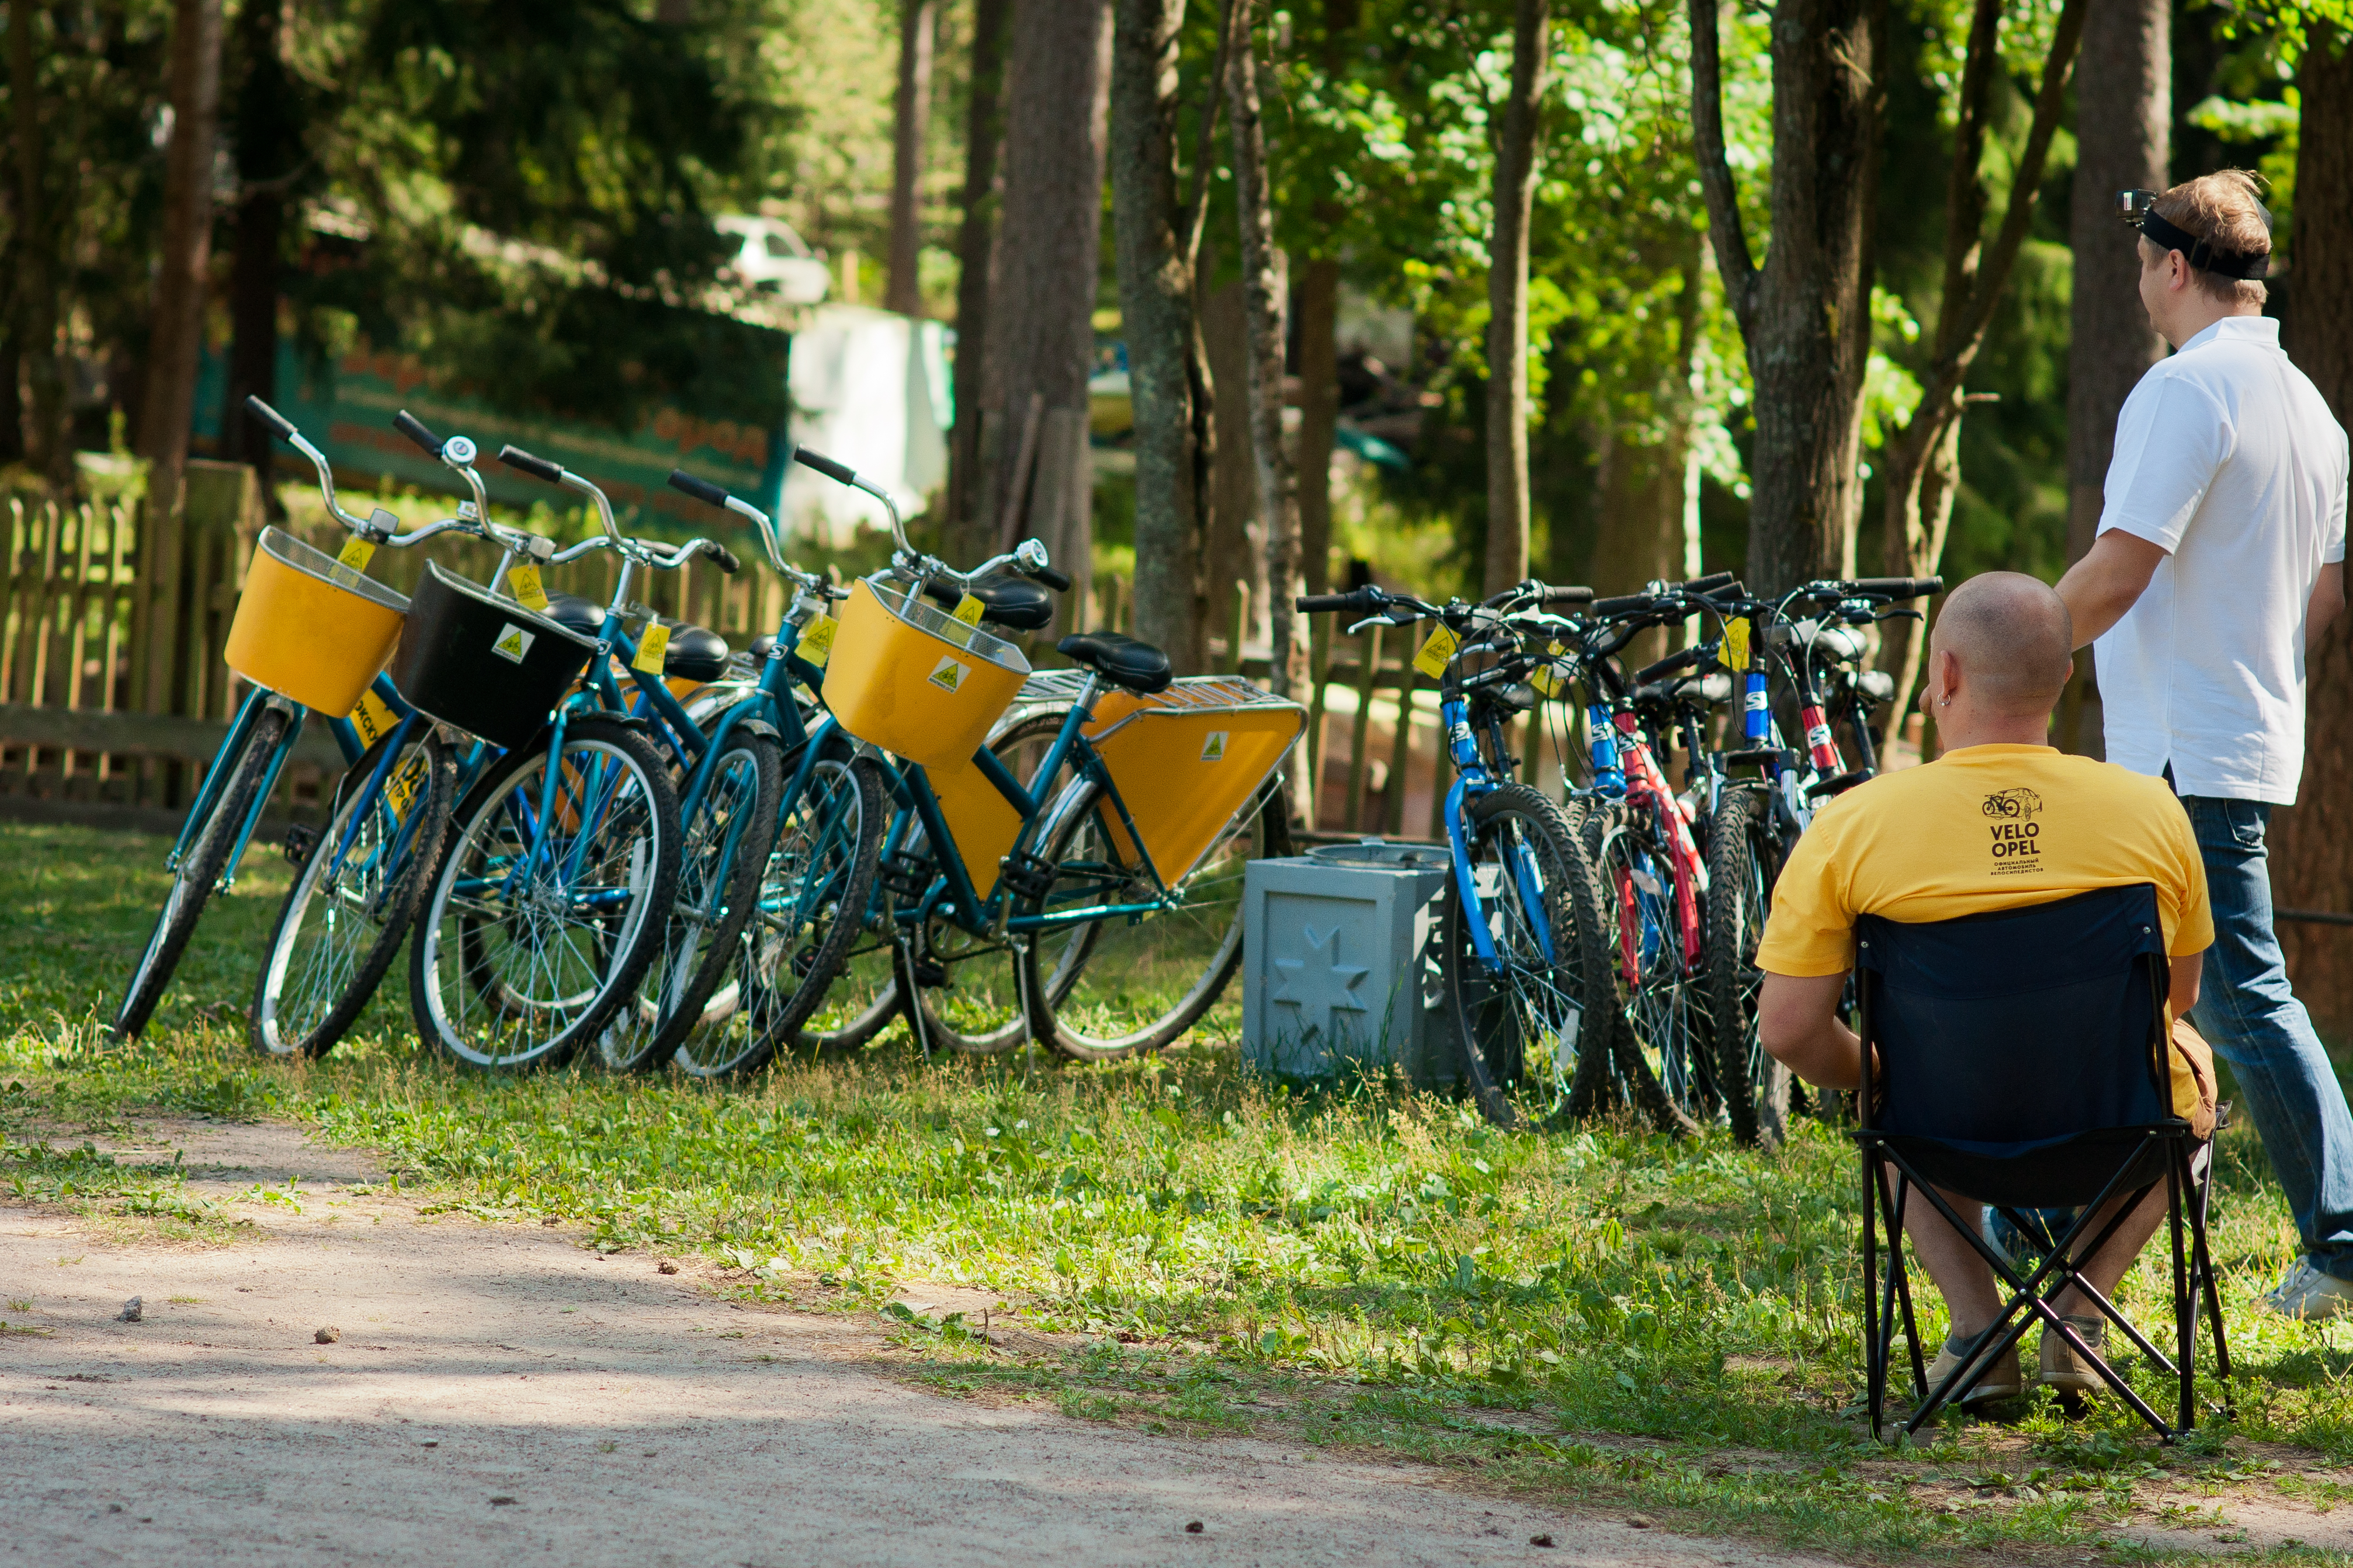 прокат велосипедов петербург,